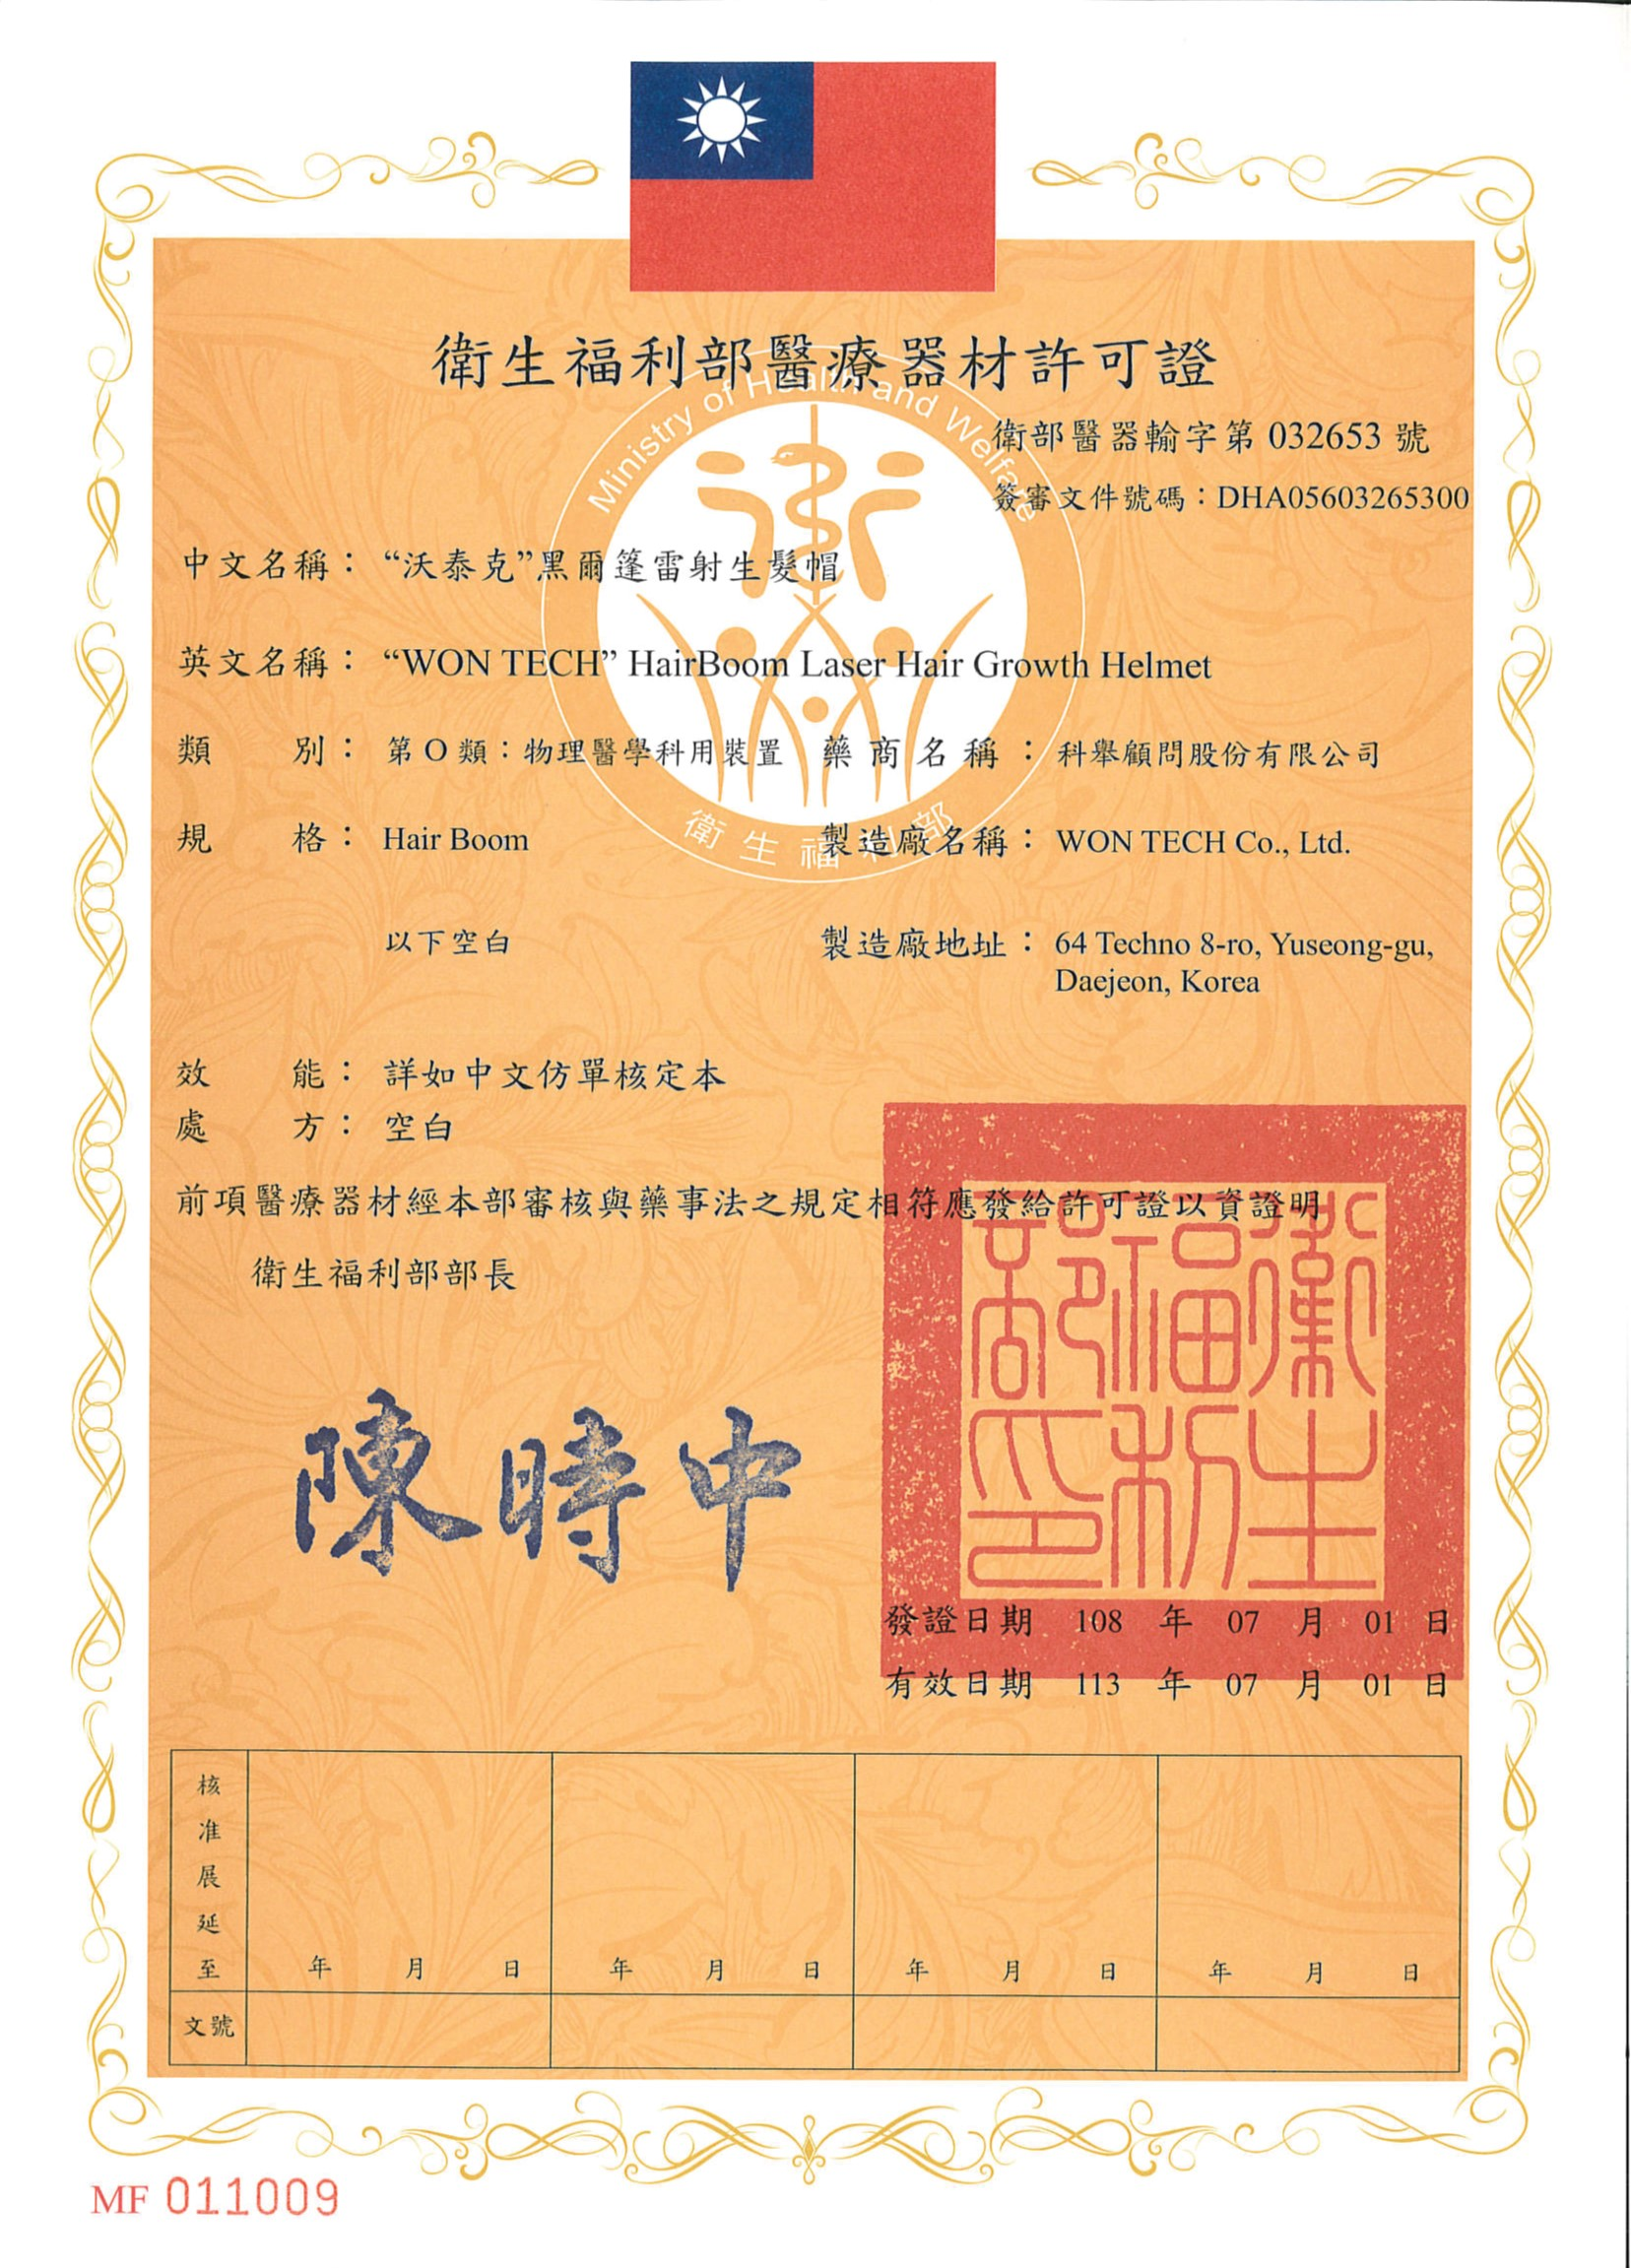 台灣TFDA認證雷射生髮帽